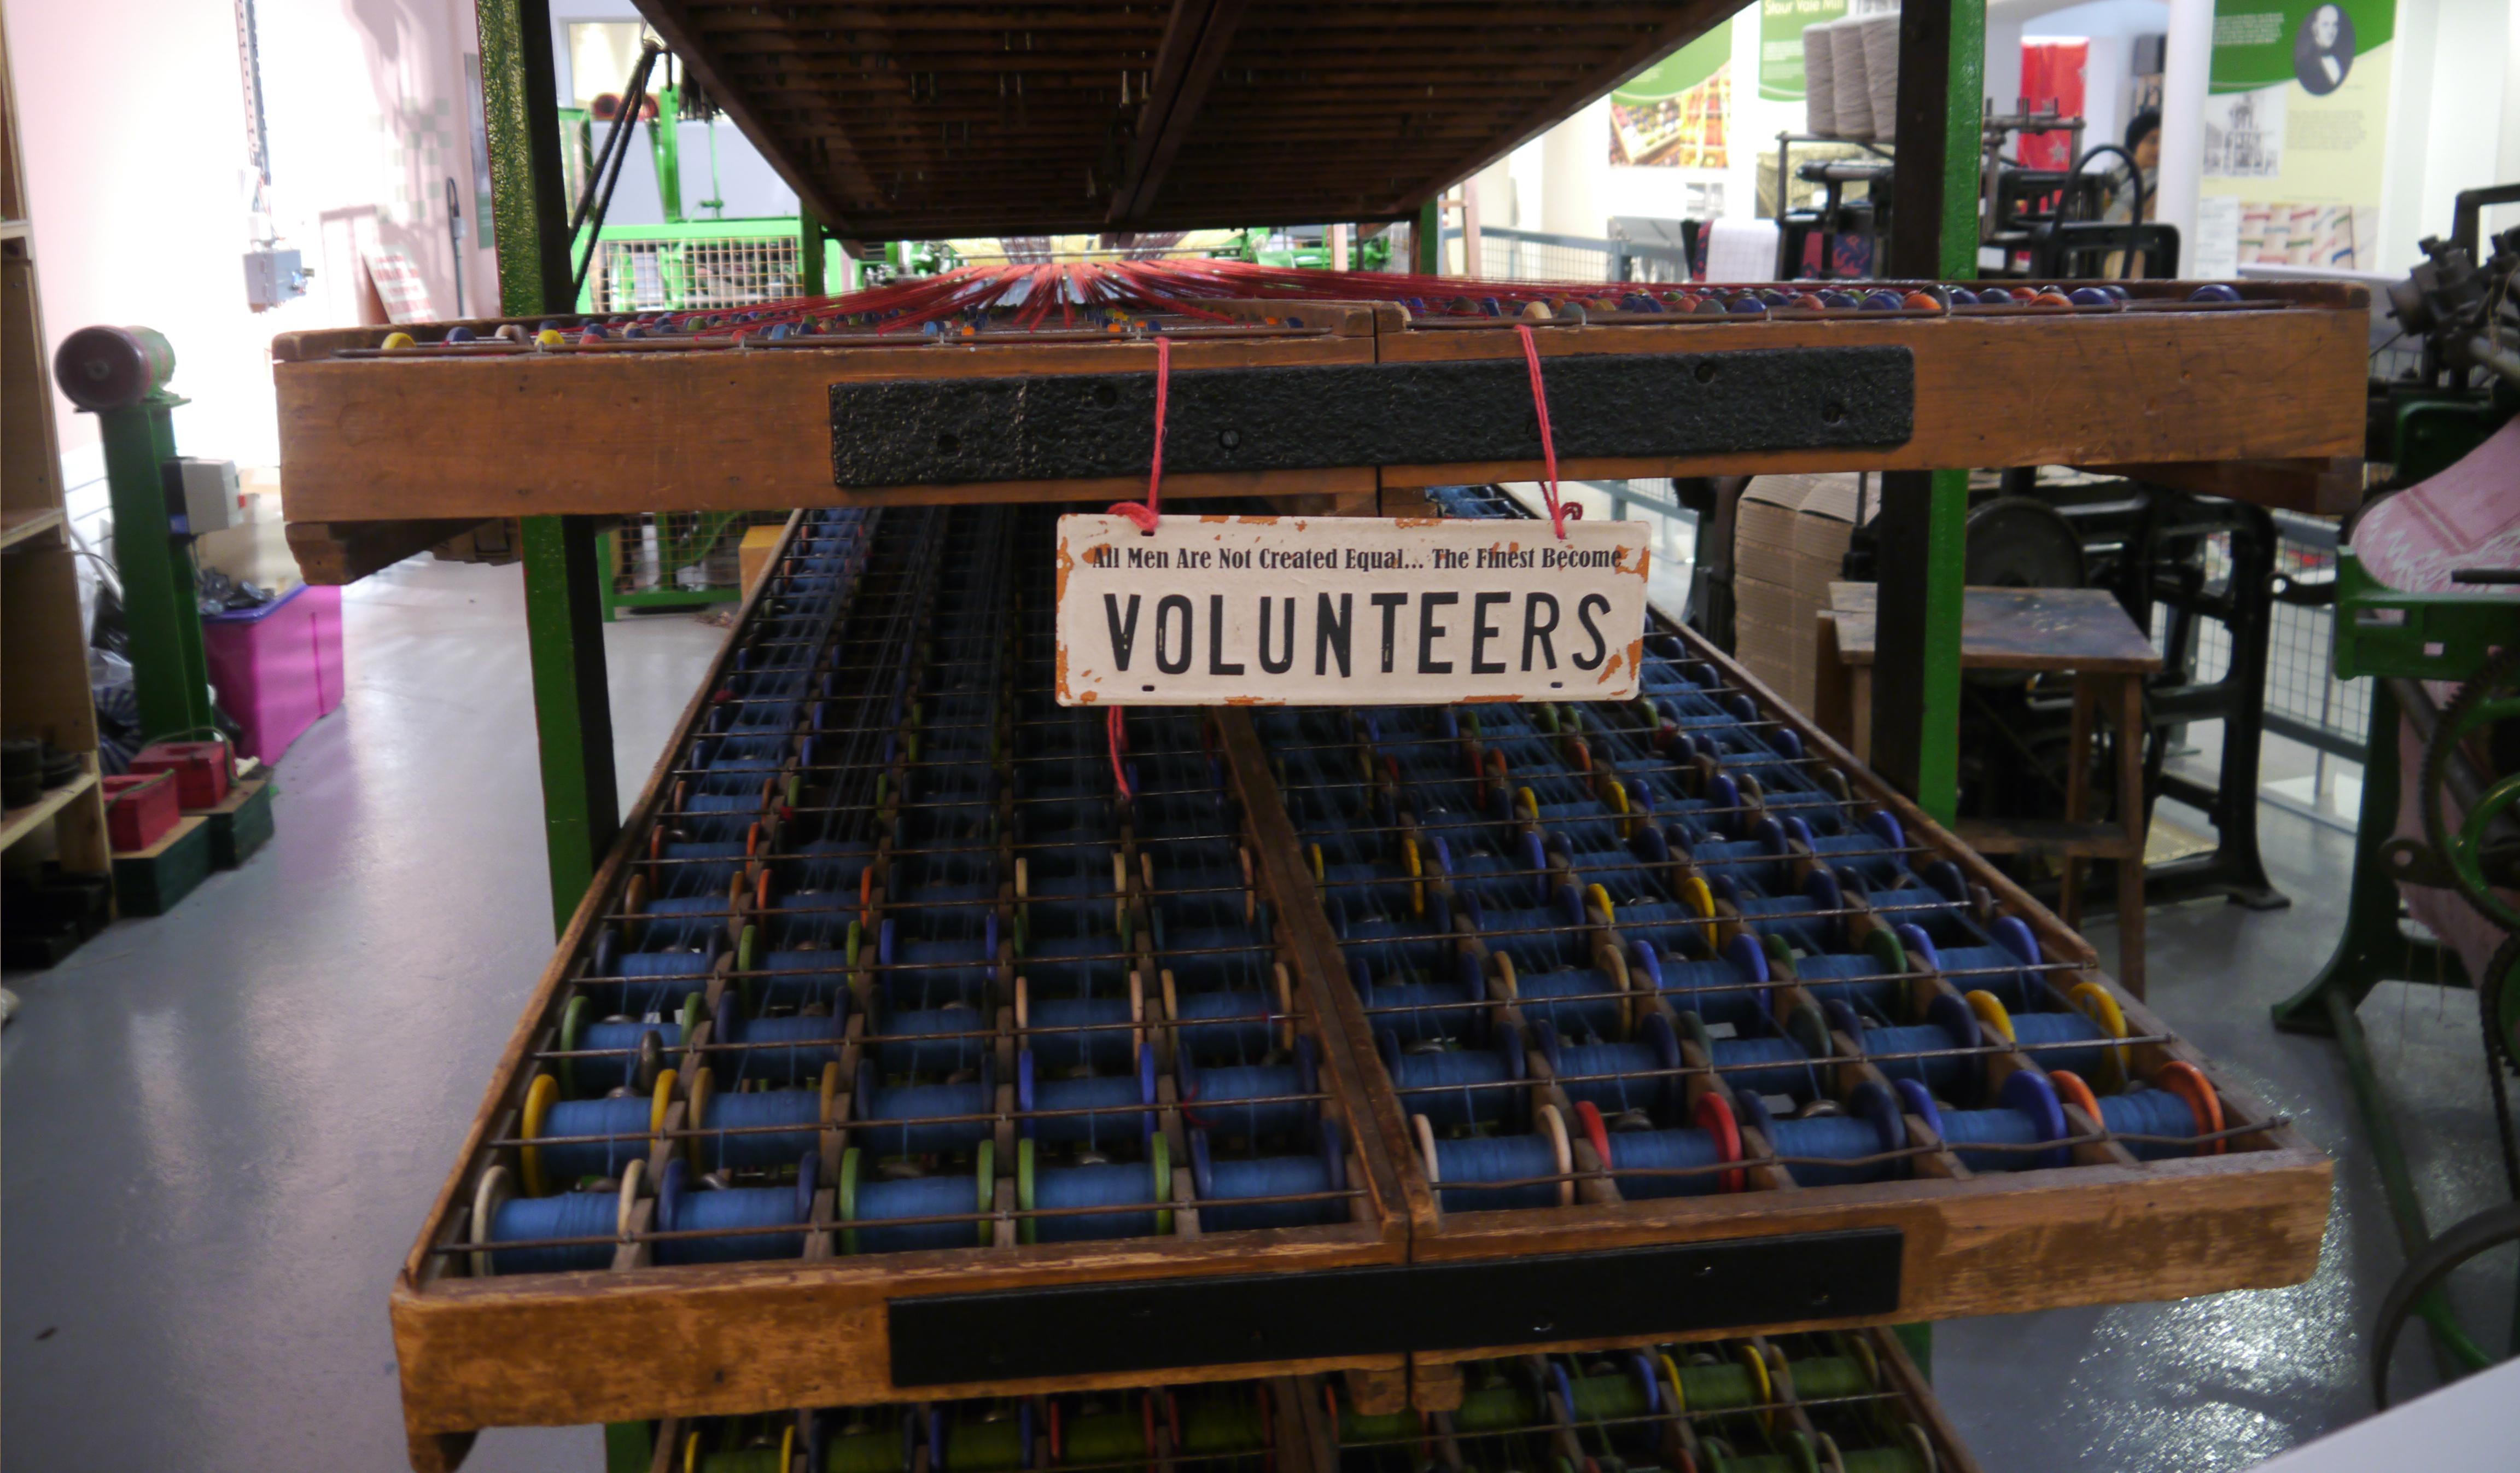 Volunteers-header